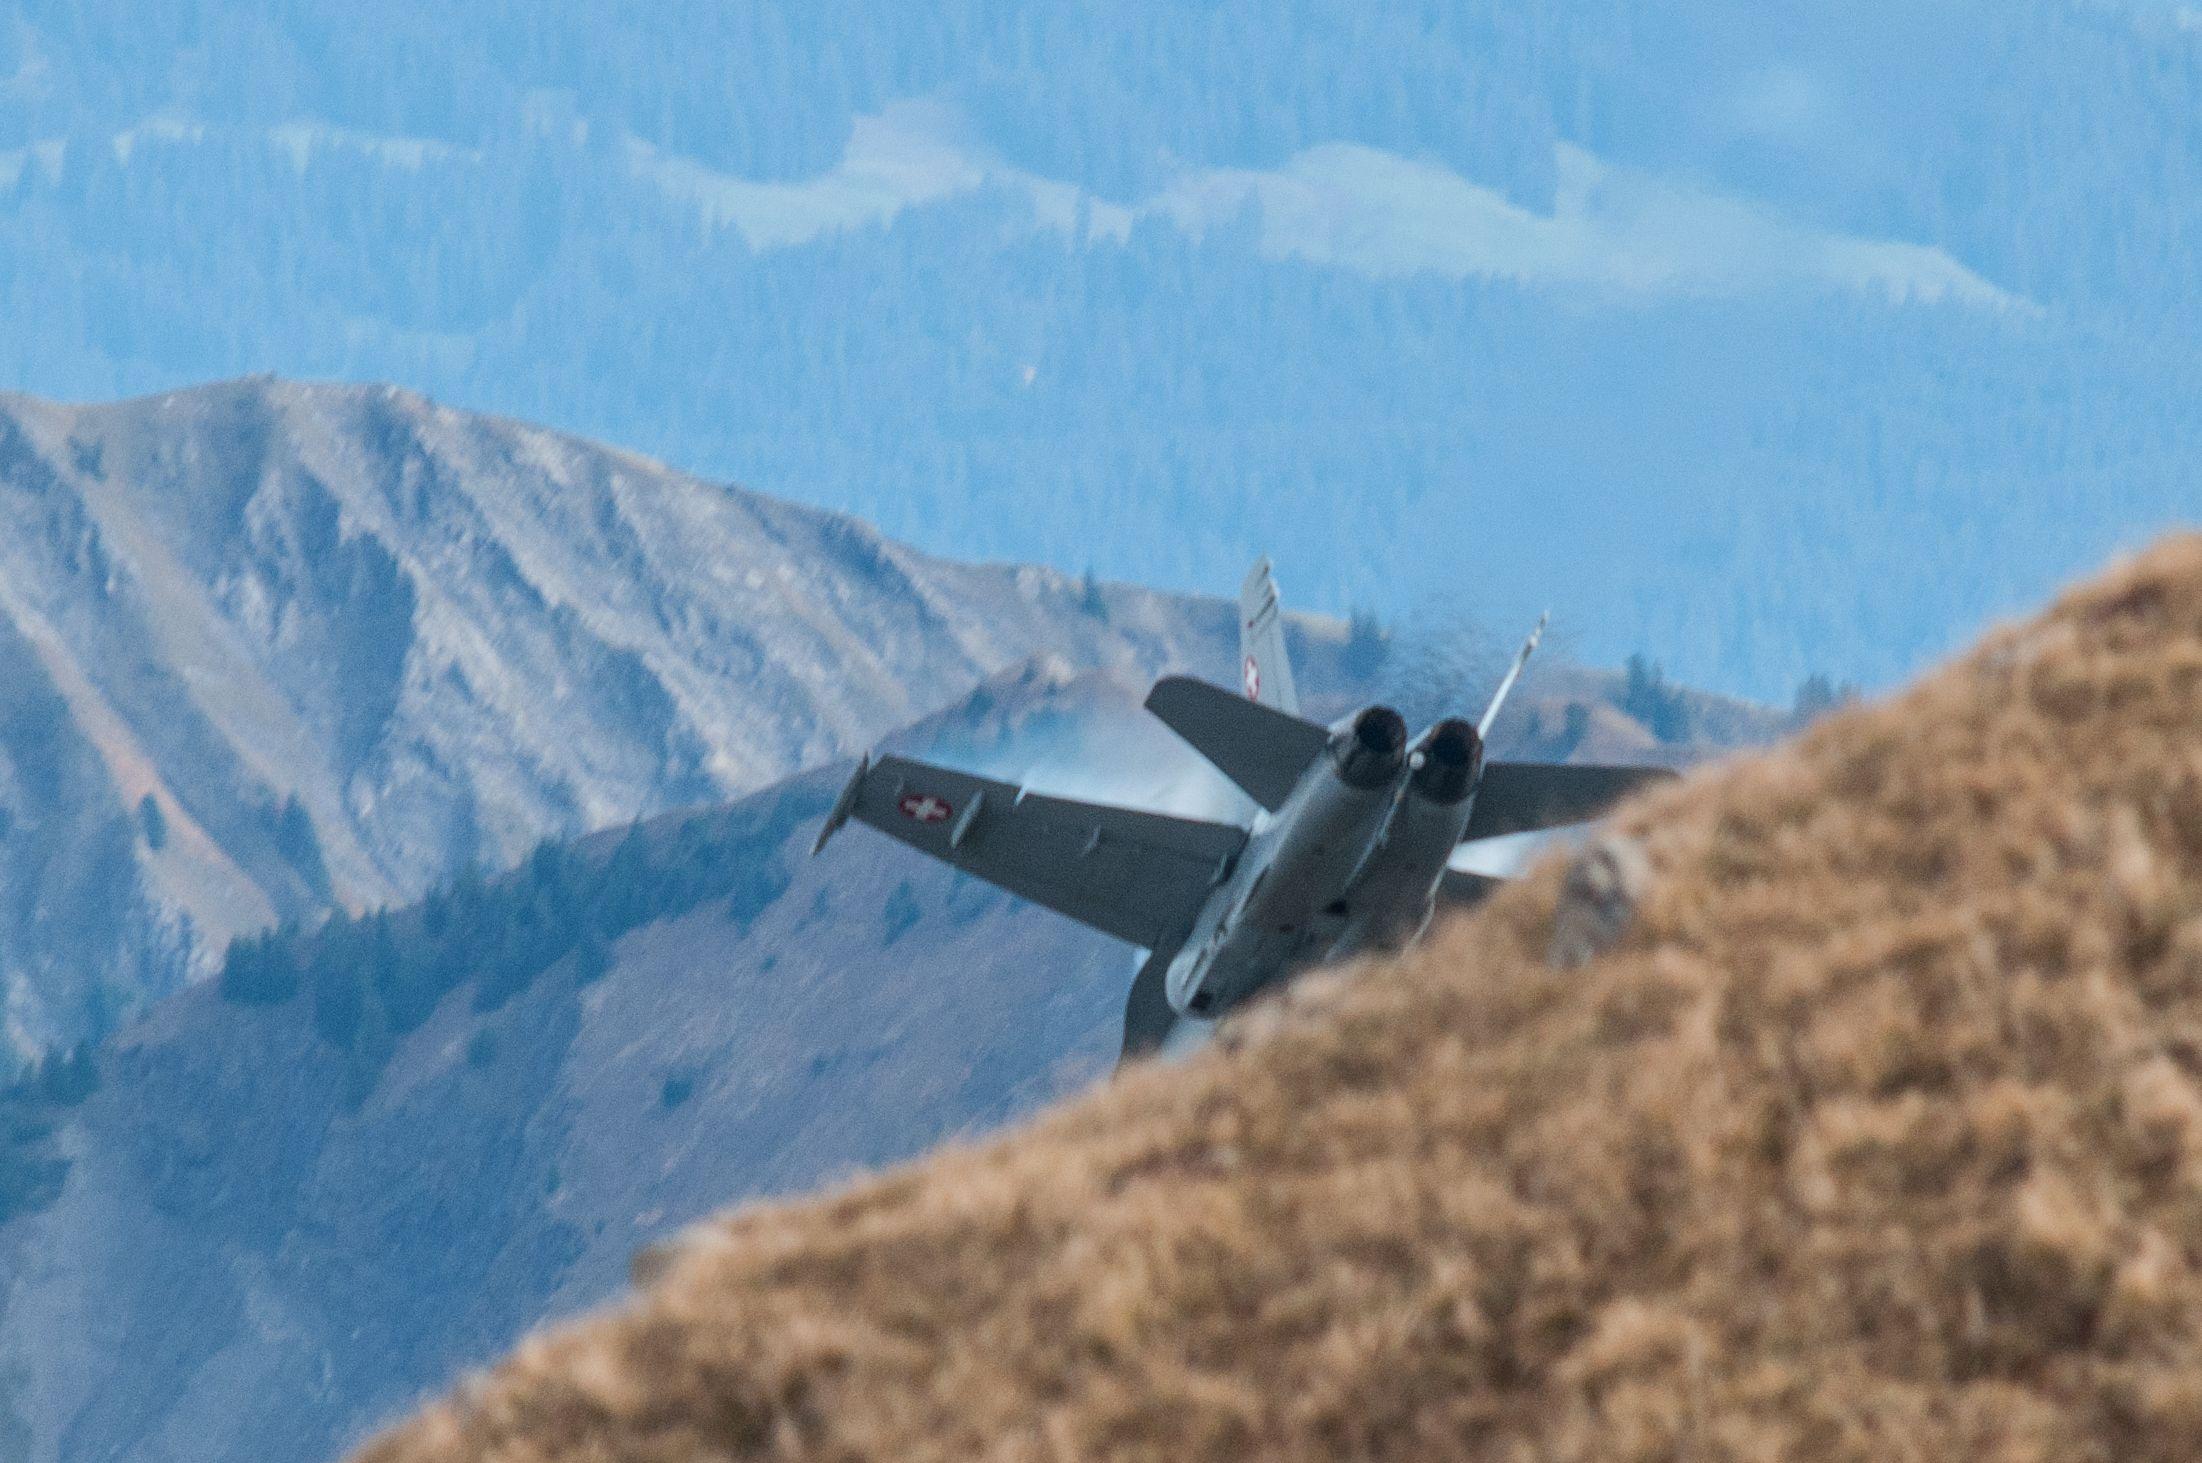 Air force live fire event Axalp 2012 - 10-11 Oct 2012 - Pagina 2 000175